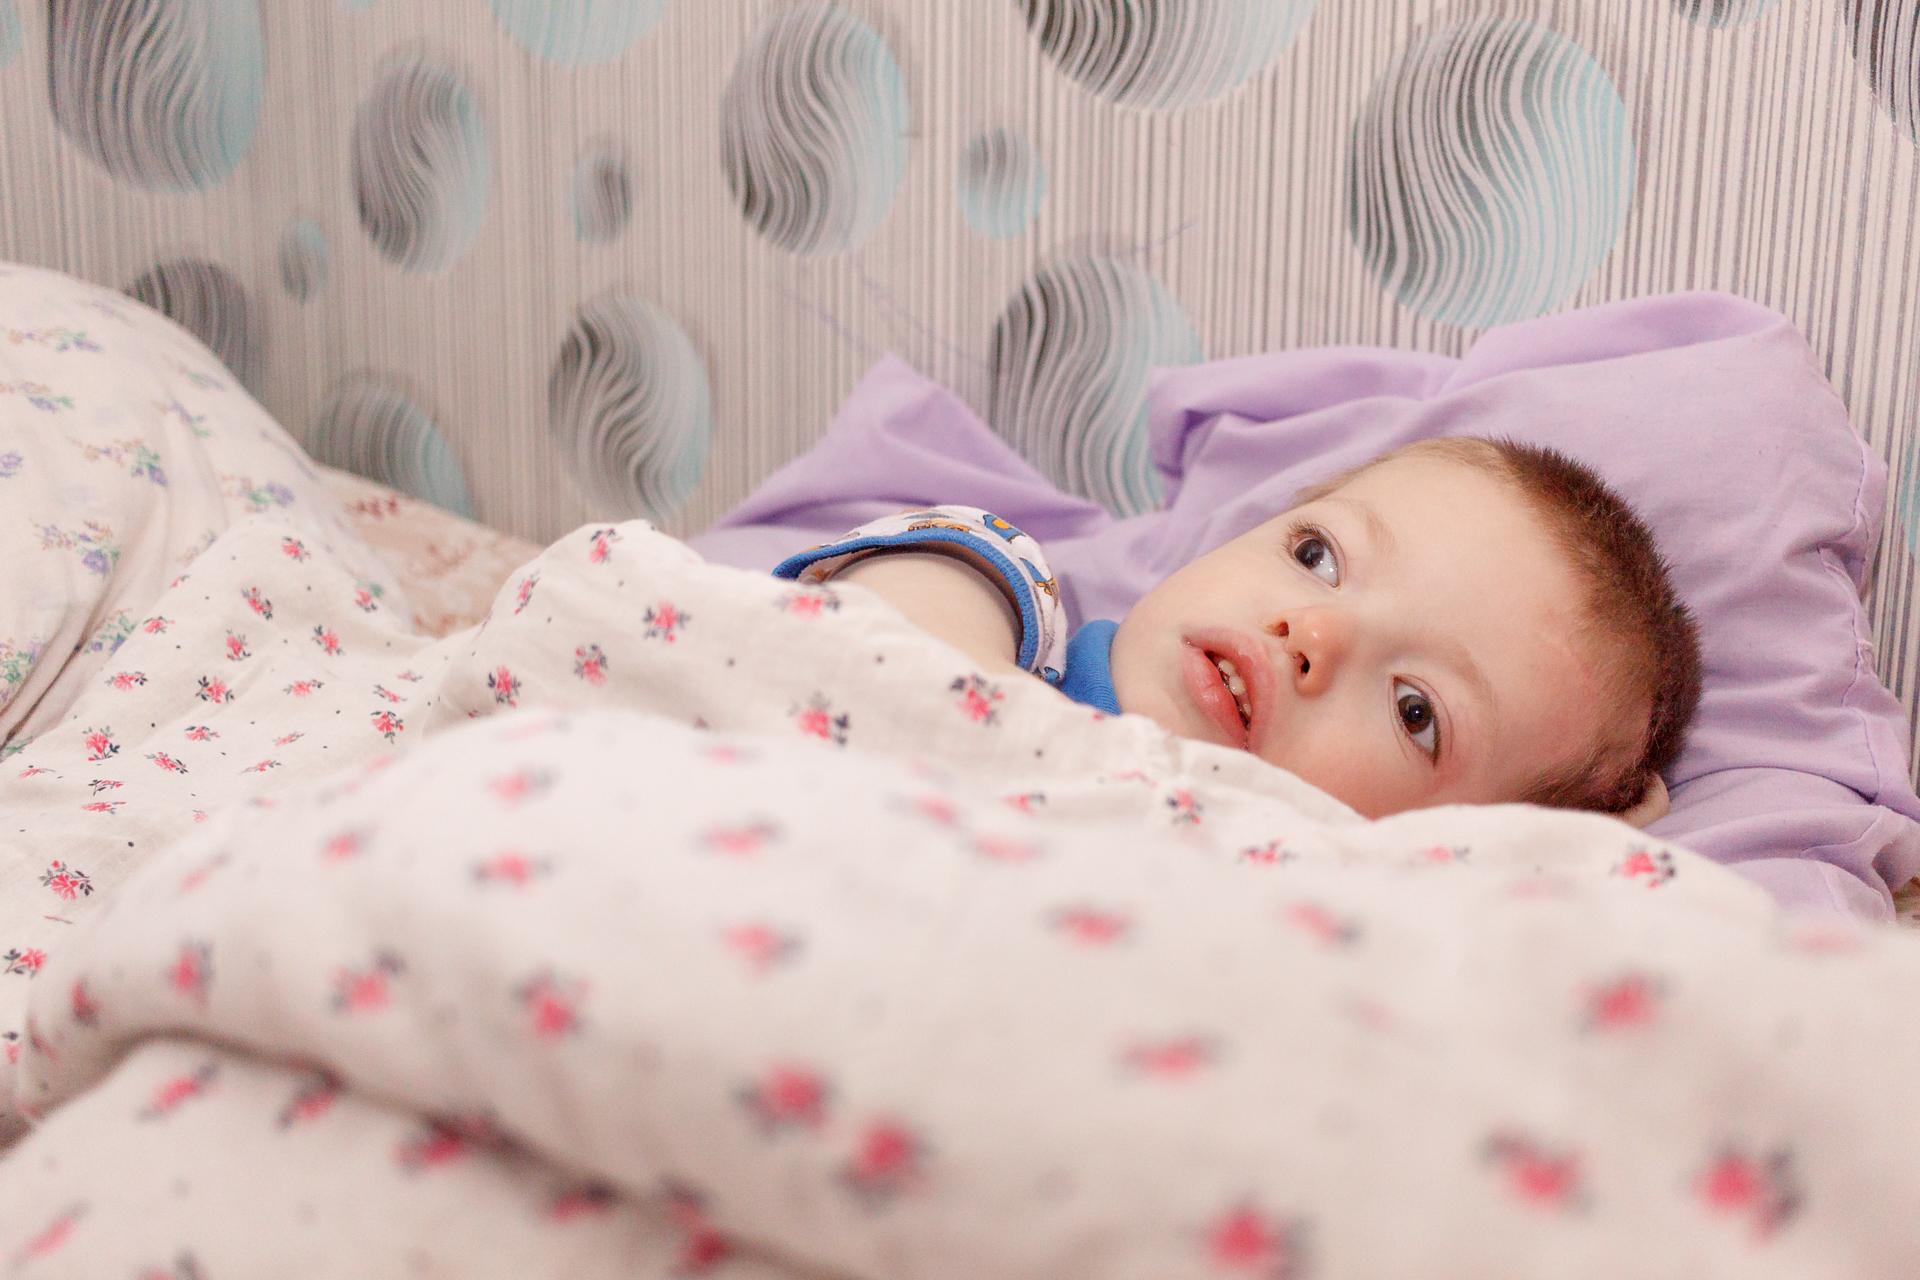 Первое время Гриша рос здоровым ребенком, а потом врачи диагностировали у него глубокое поражение центральной нервной системы